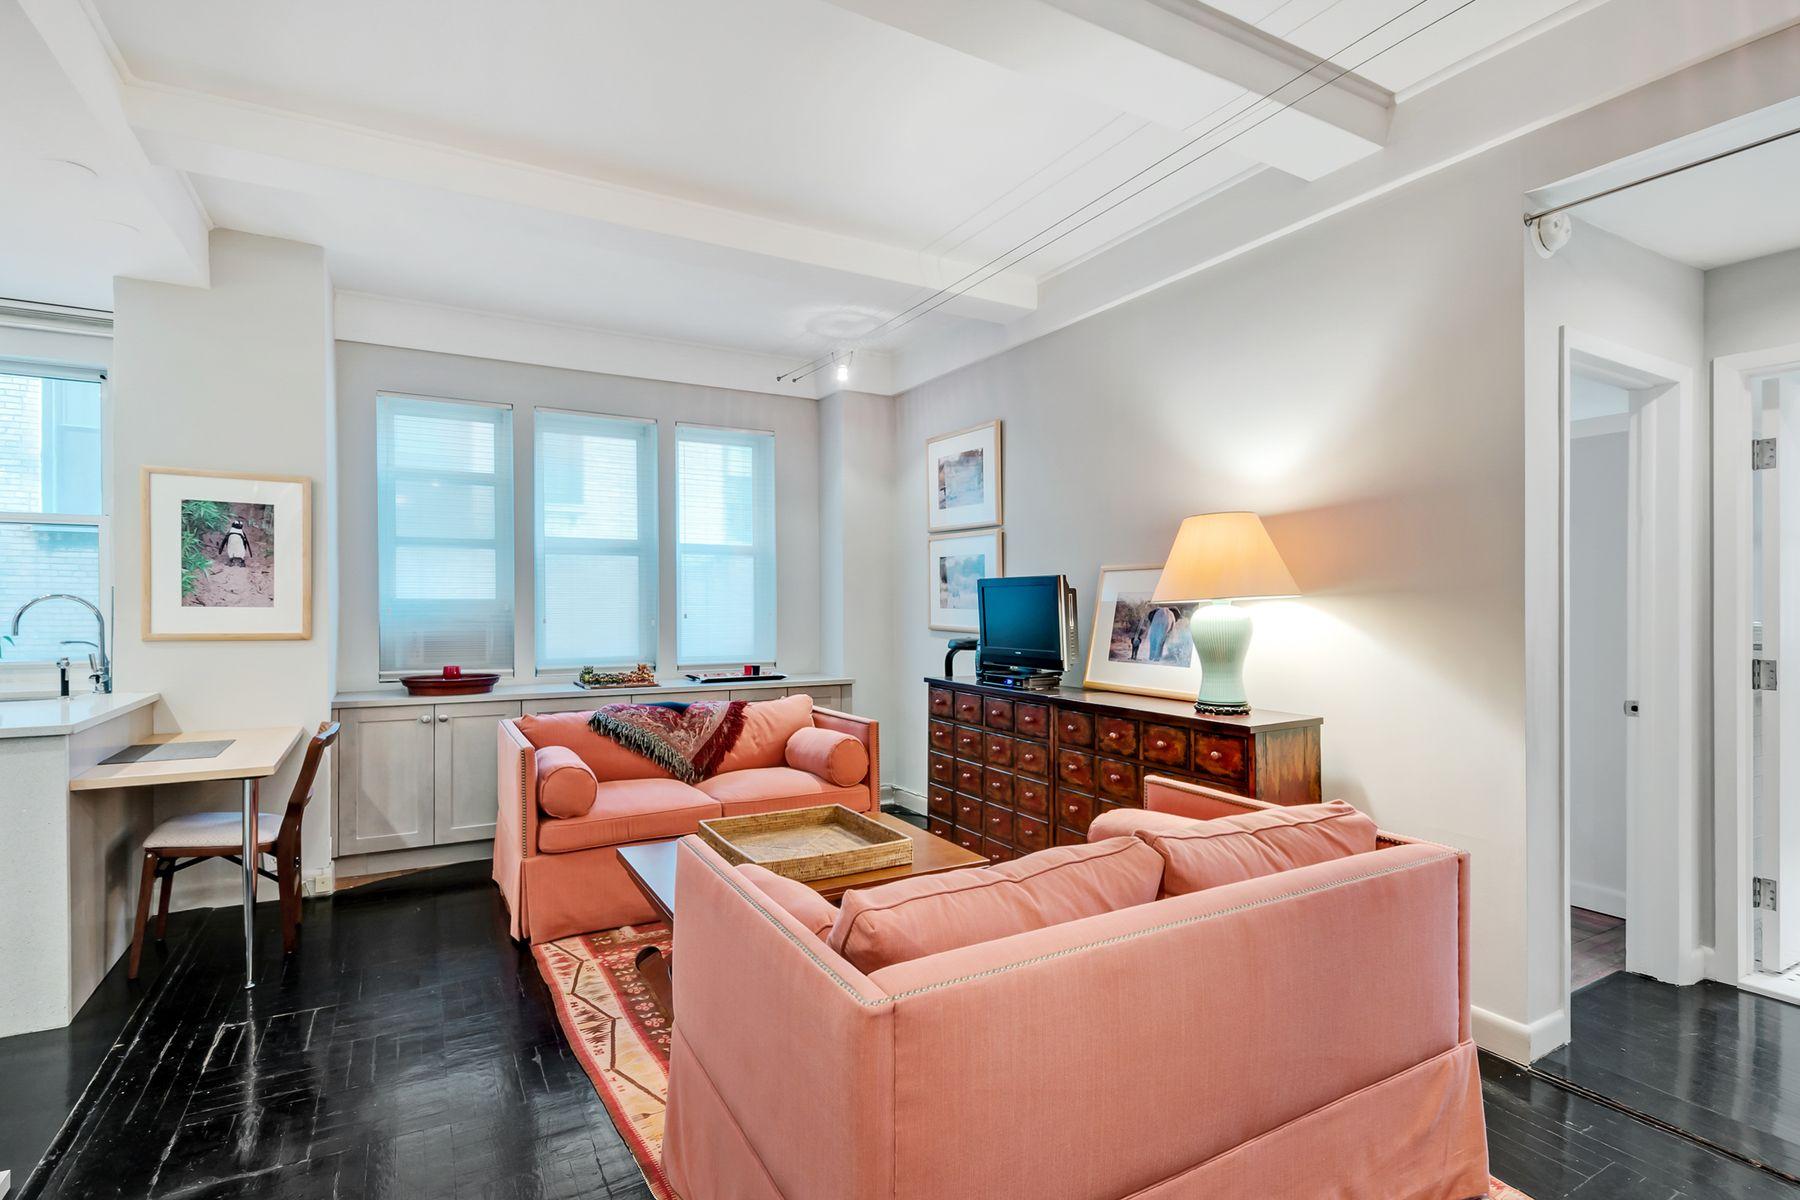 Property для того Продажа на 588 West End Avenue, Apt. 9C 588 West End Avenue Apt 9C, New York, Нью-Йорк 10024 Соединенные Штаты